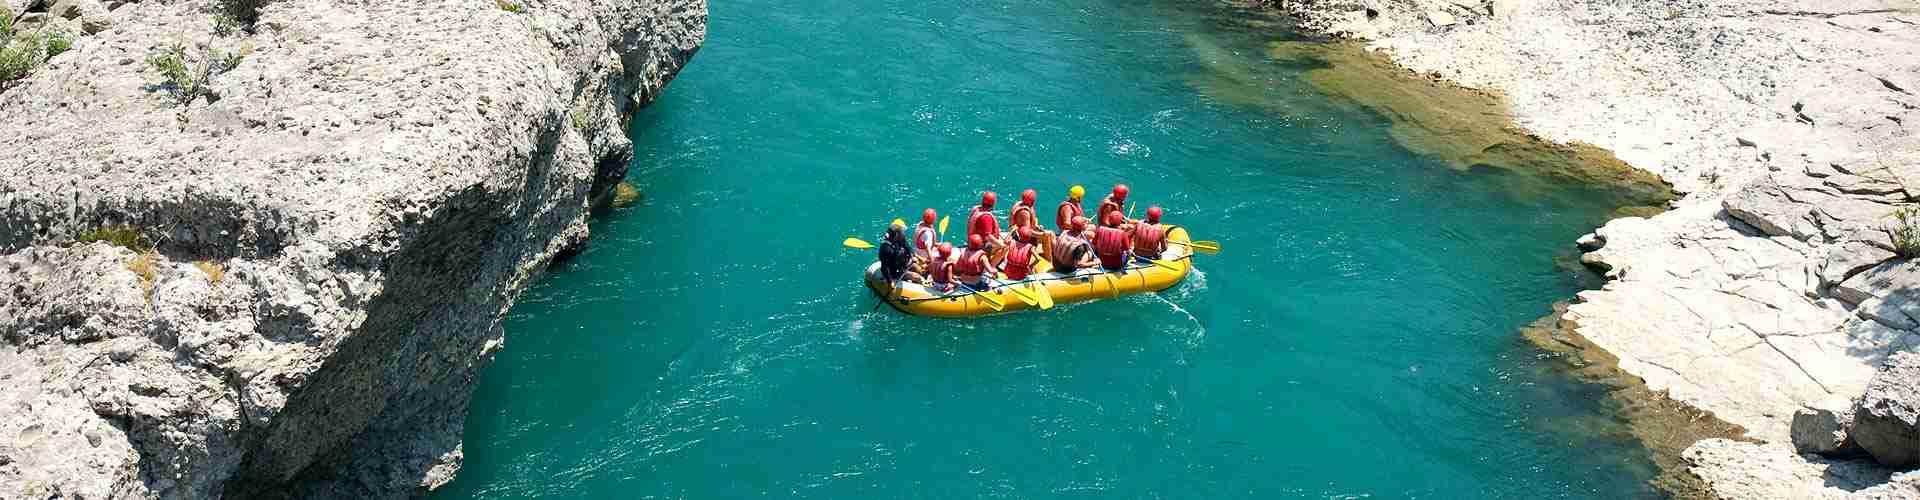 rafting en centrosdeportes de Aragón